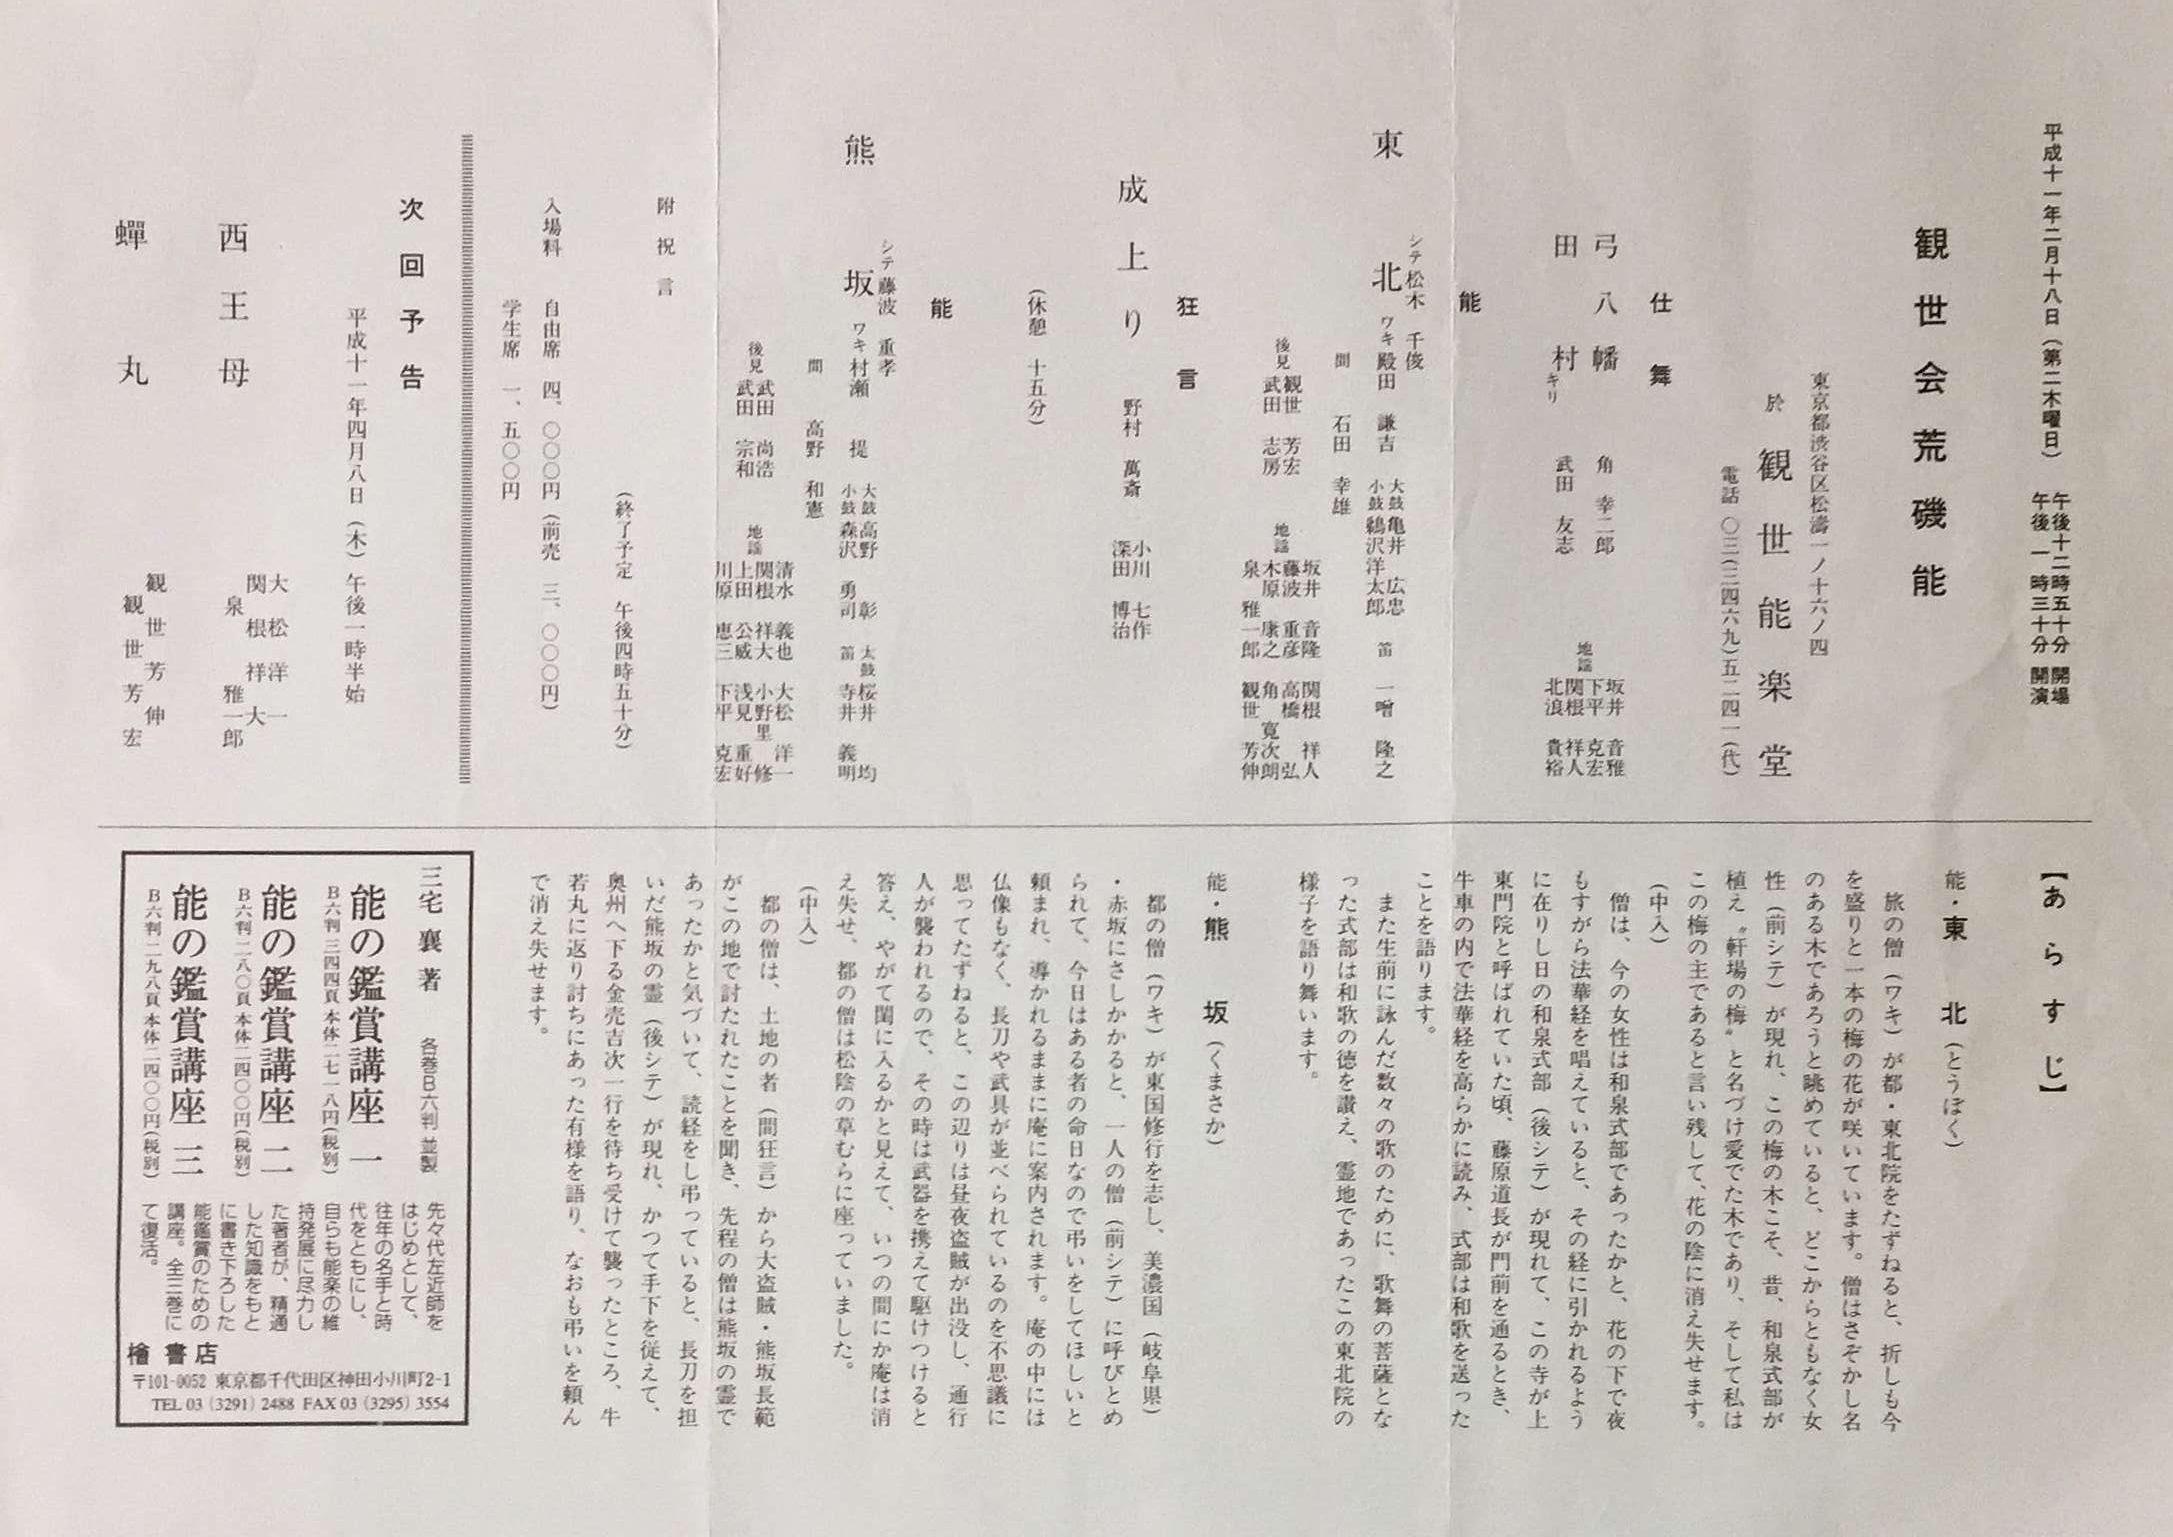 1999年2月18日 観世会荒磯能「熊坂」